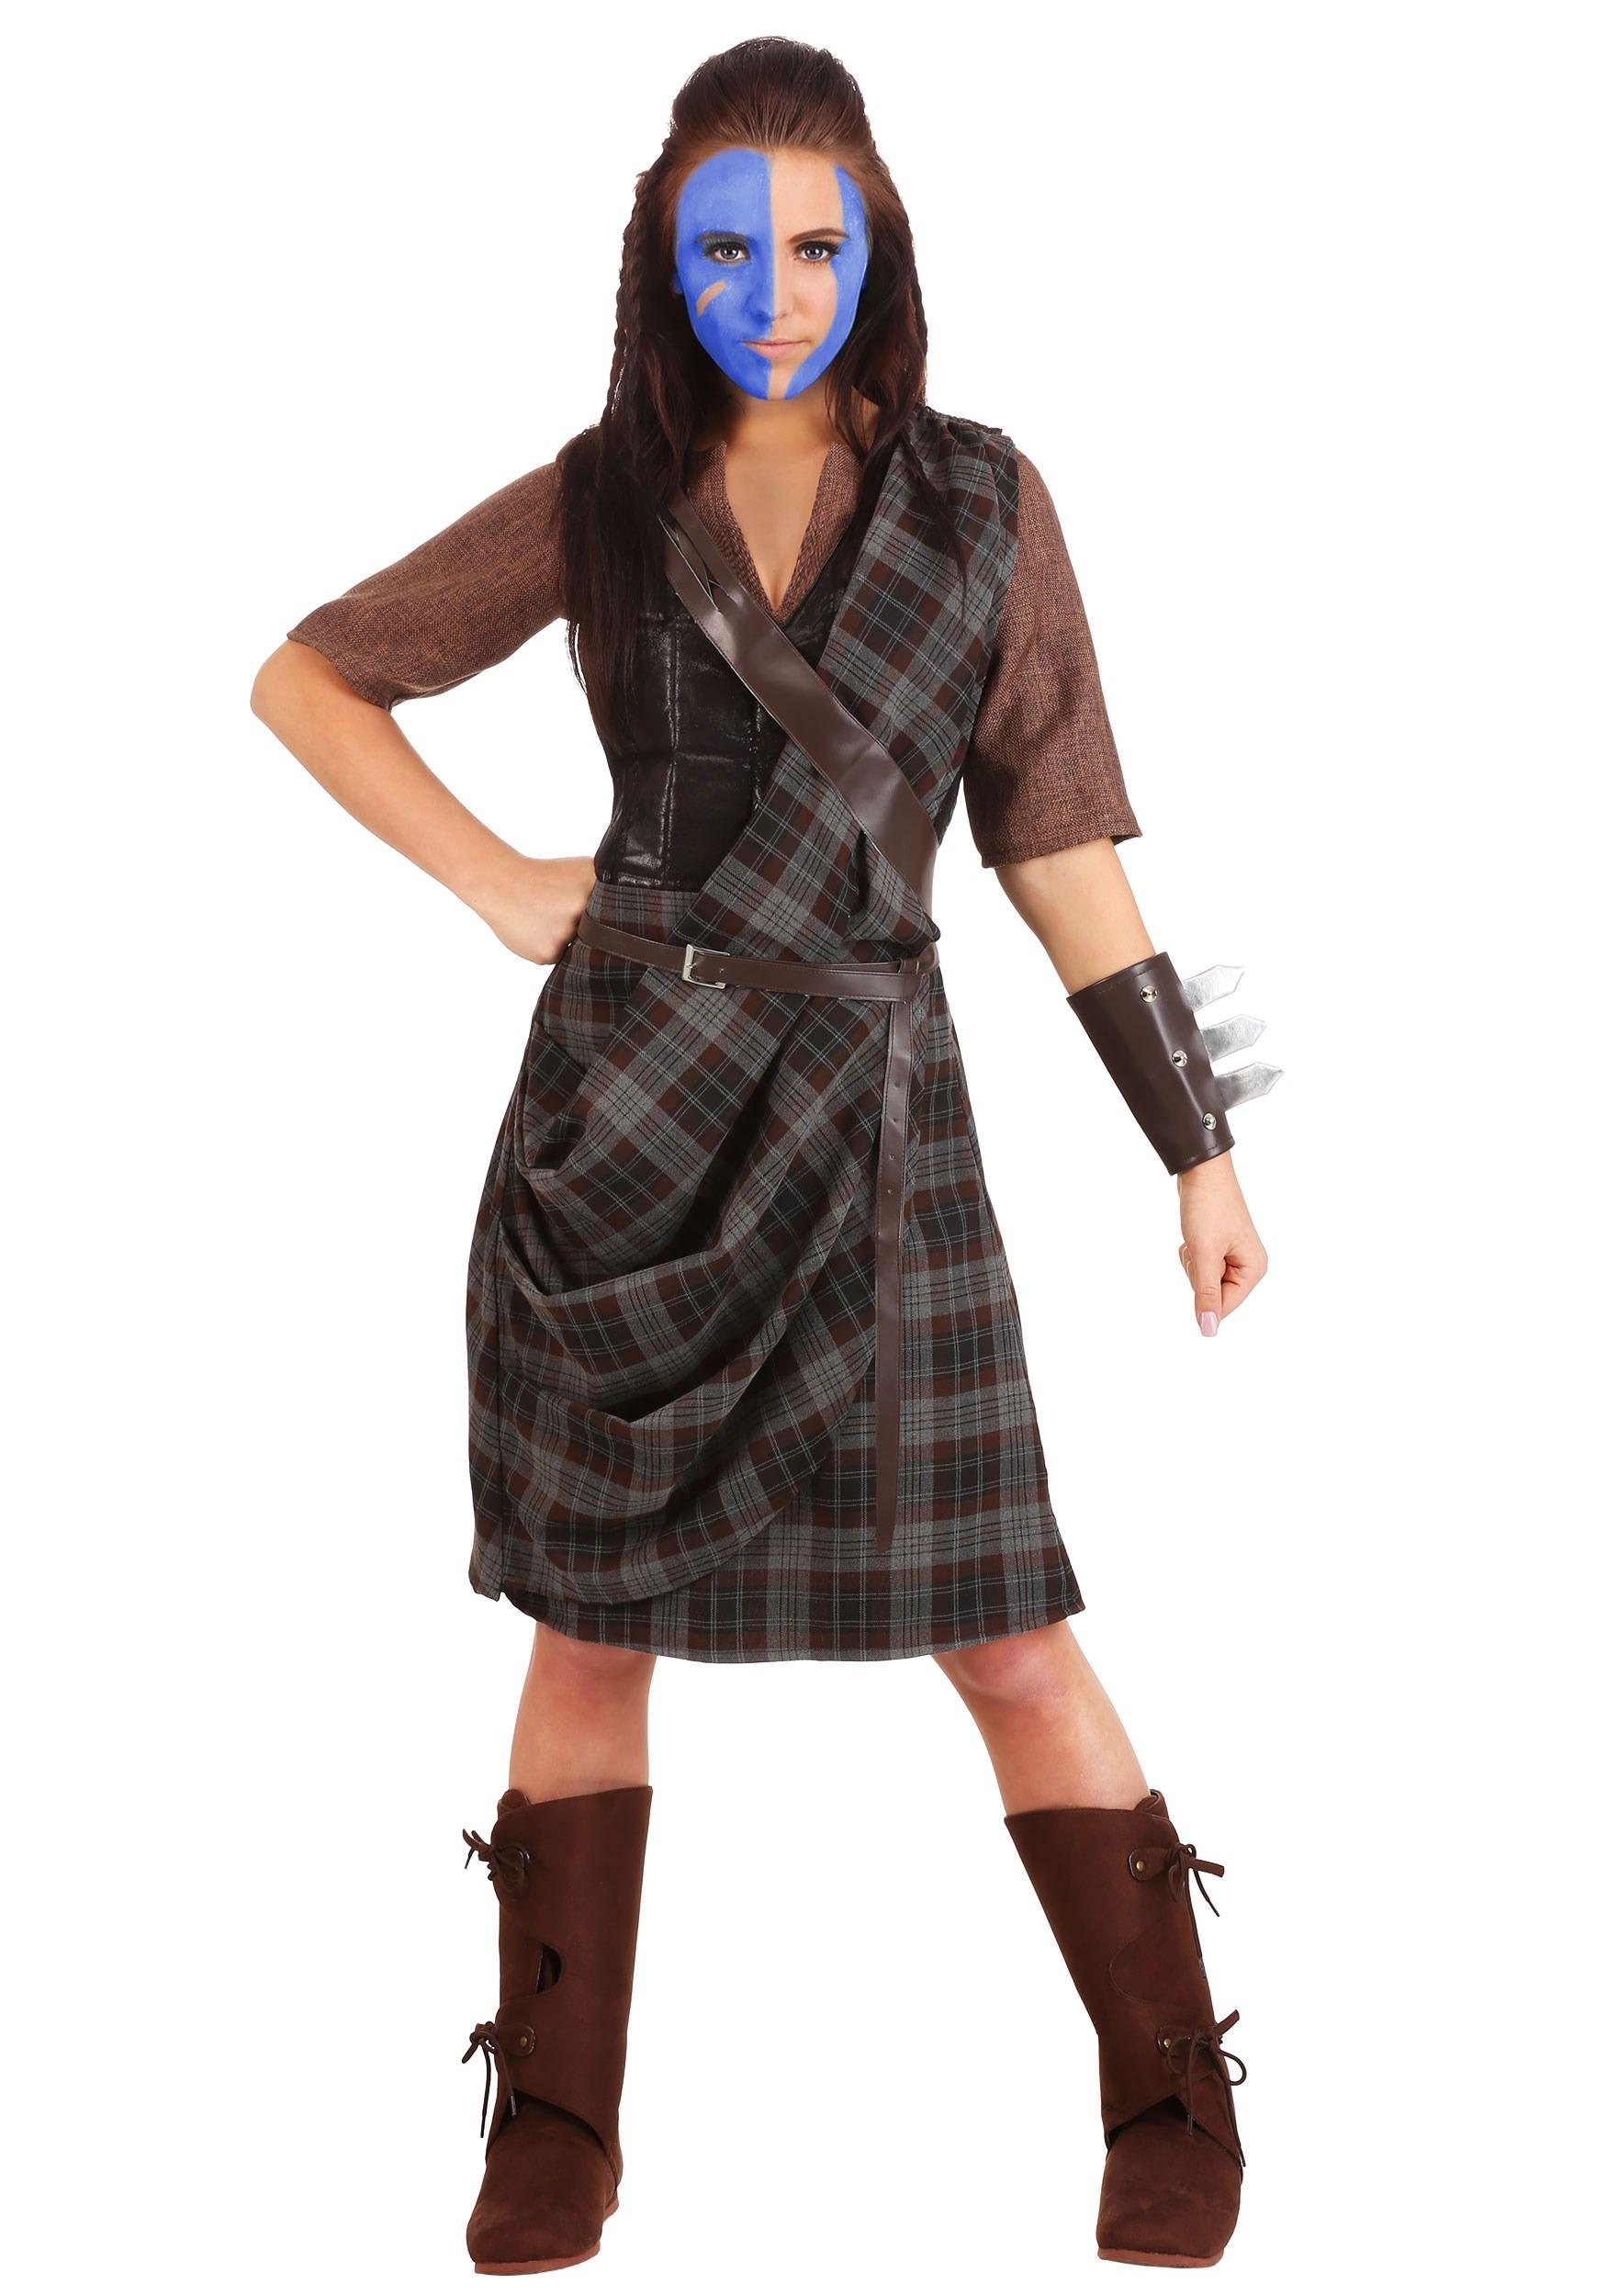 Braveheart_Warrior_Costume_for_Women